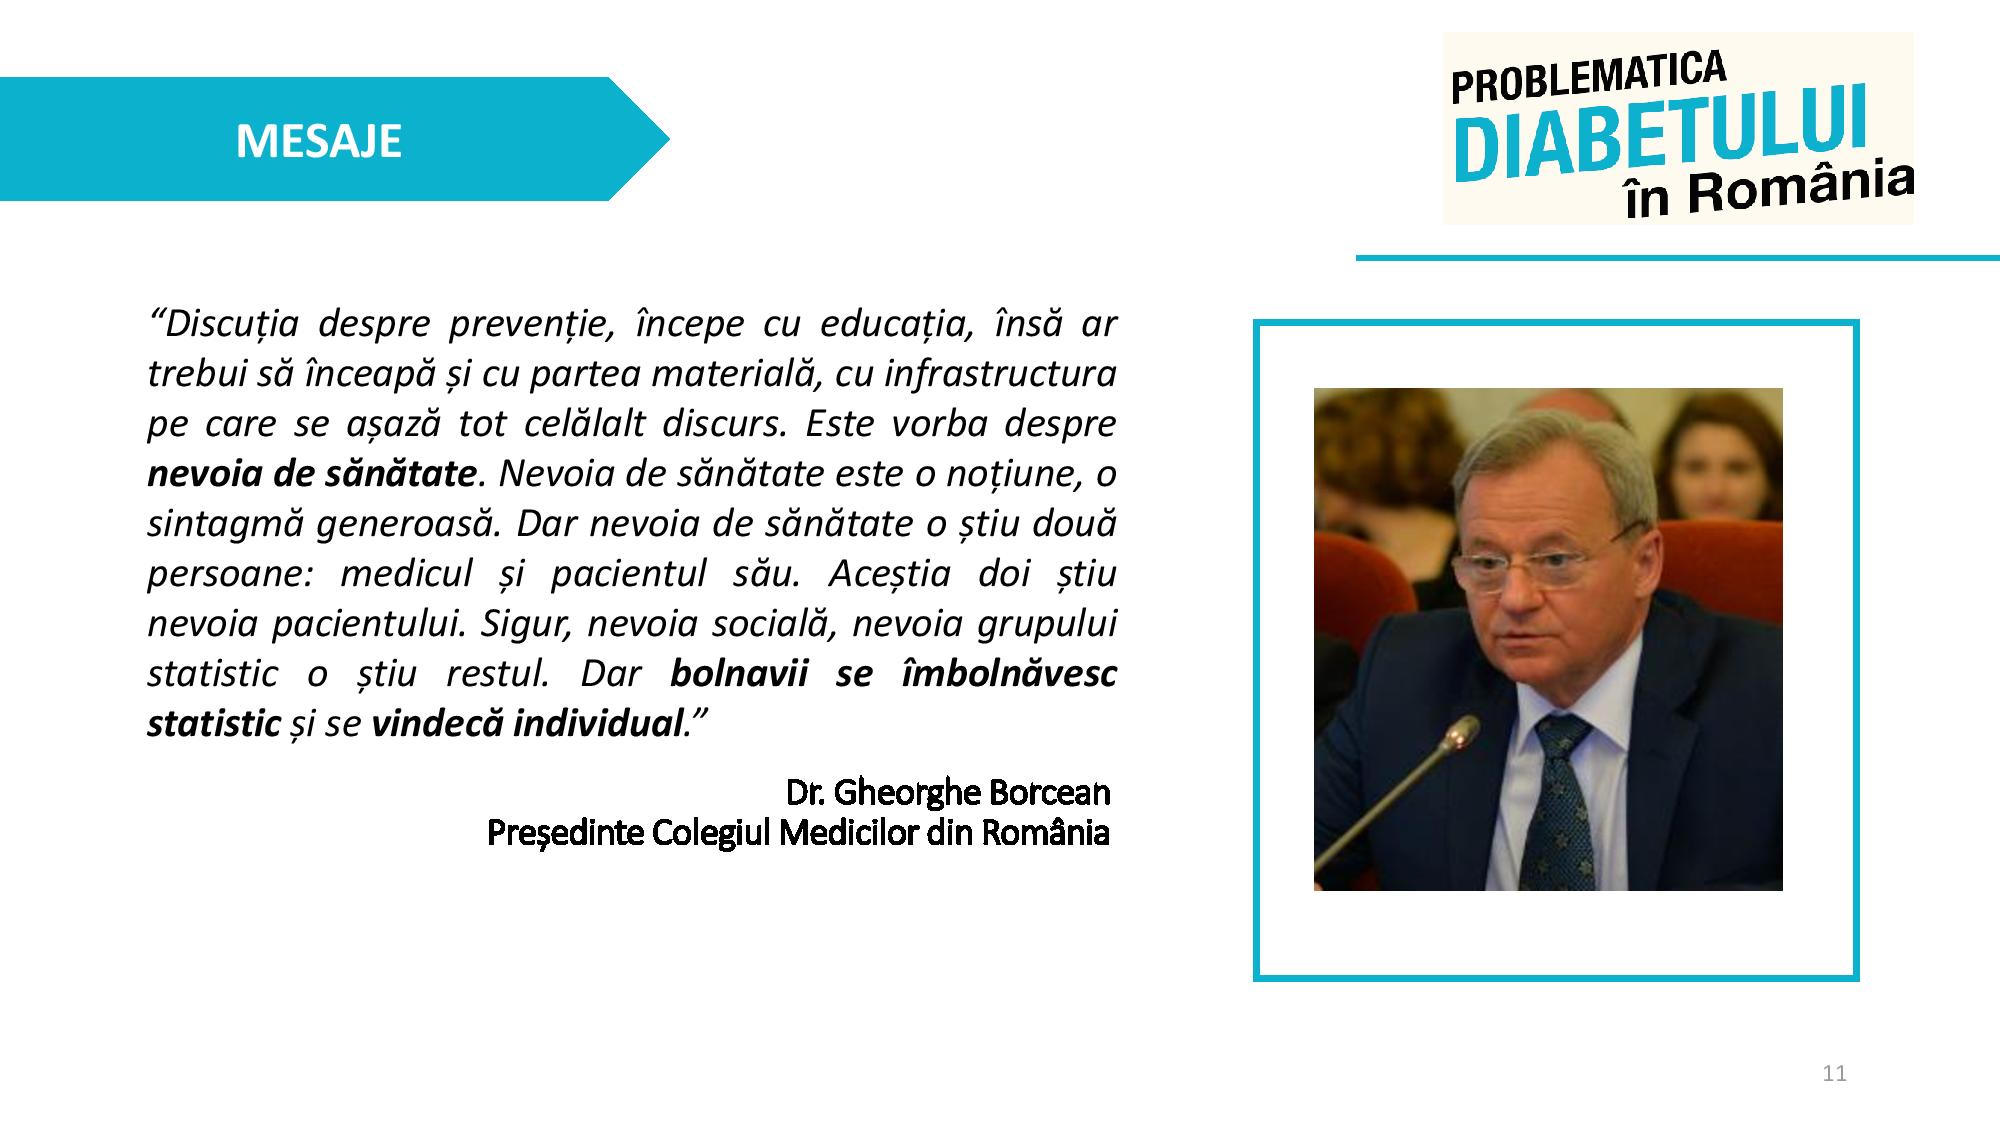 Problematica Diabetului in Romania 2016-page-011